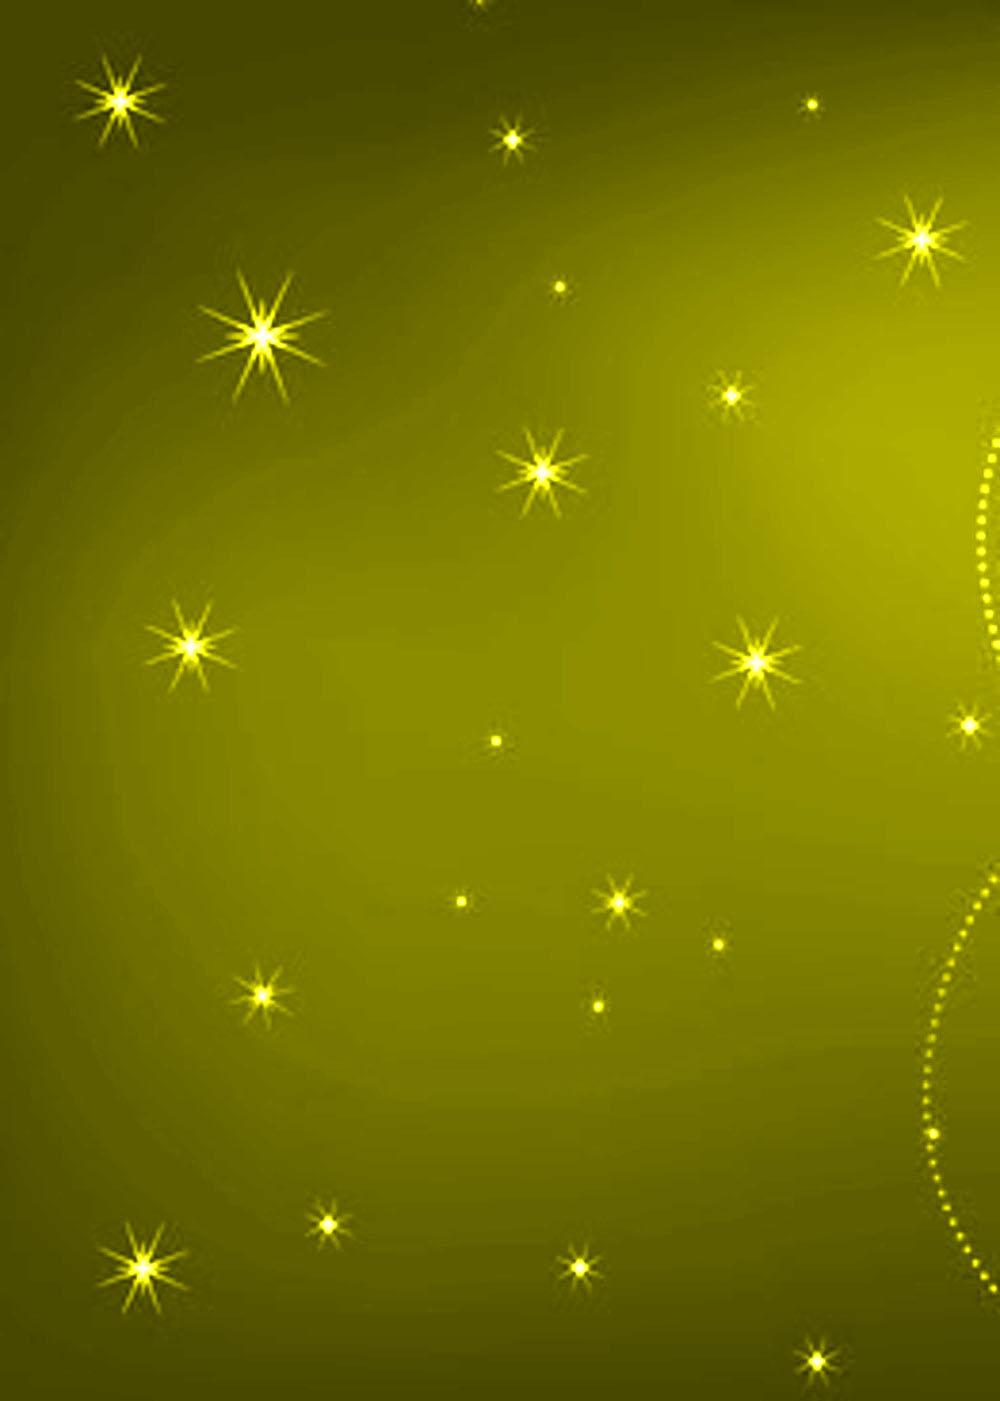 Как сделать звездный фон